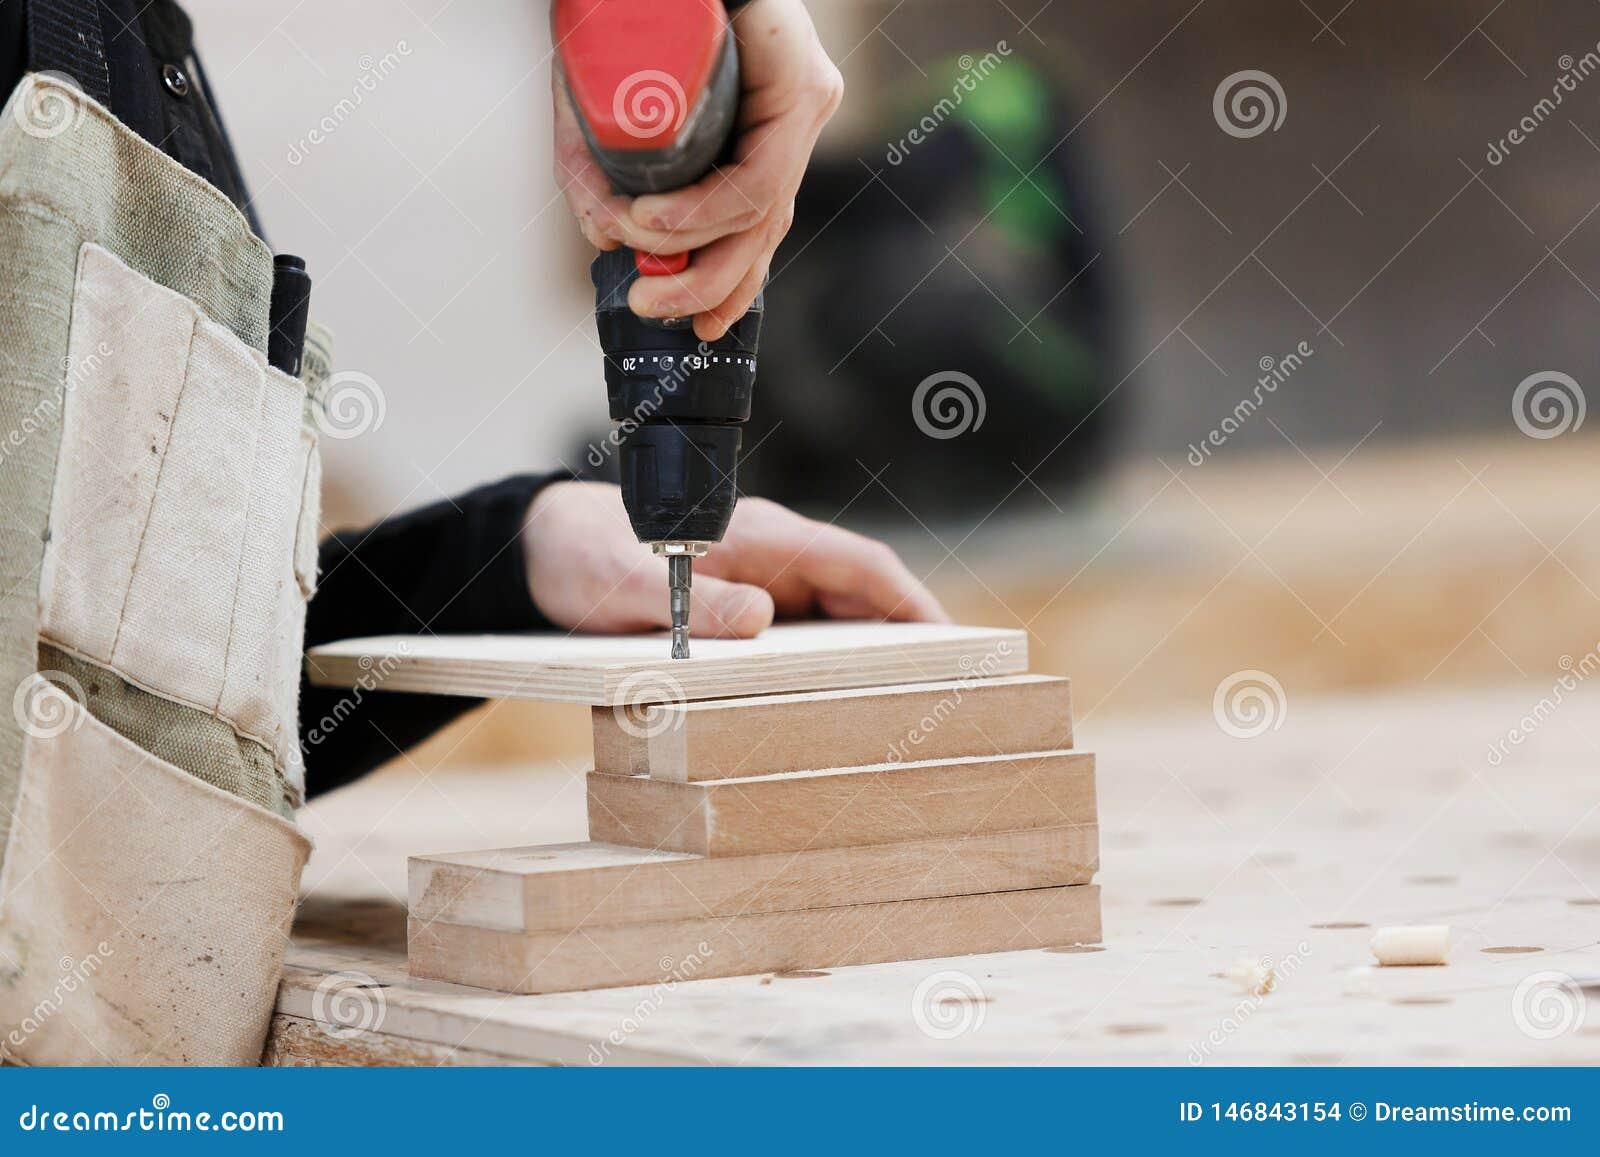 Carpentiere che lavora con un cacciavite elettrico sul banco da lavoro